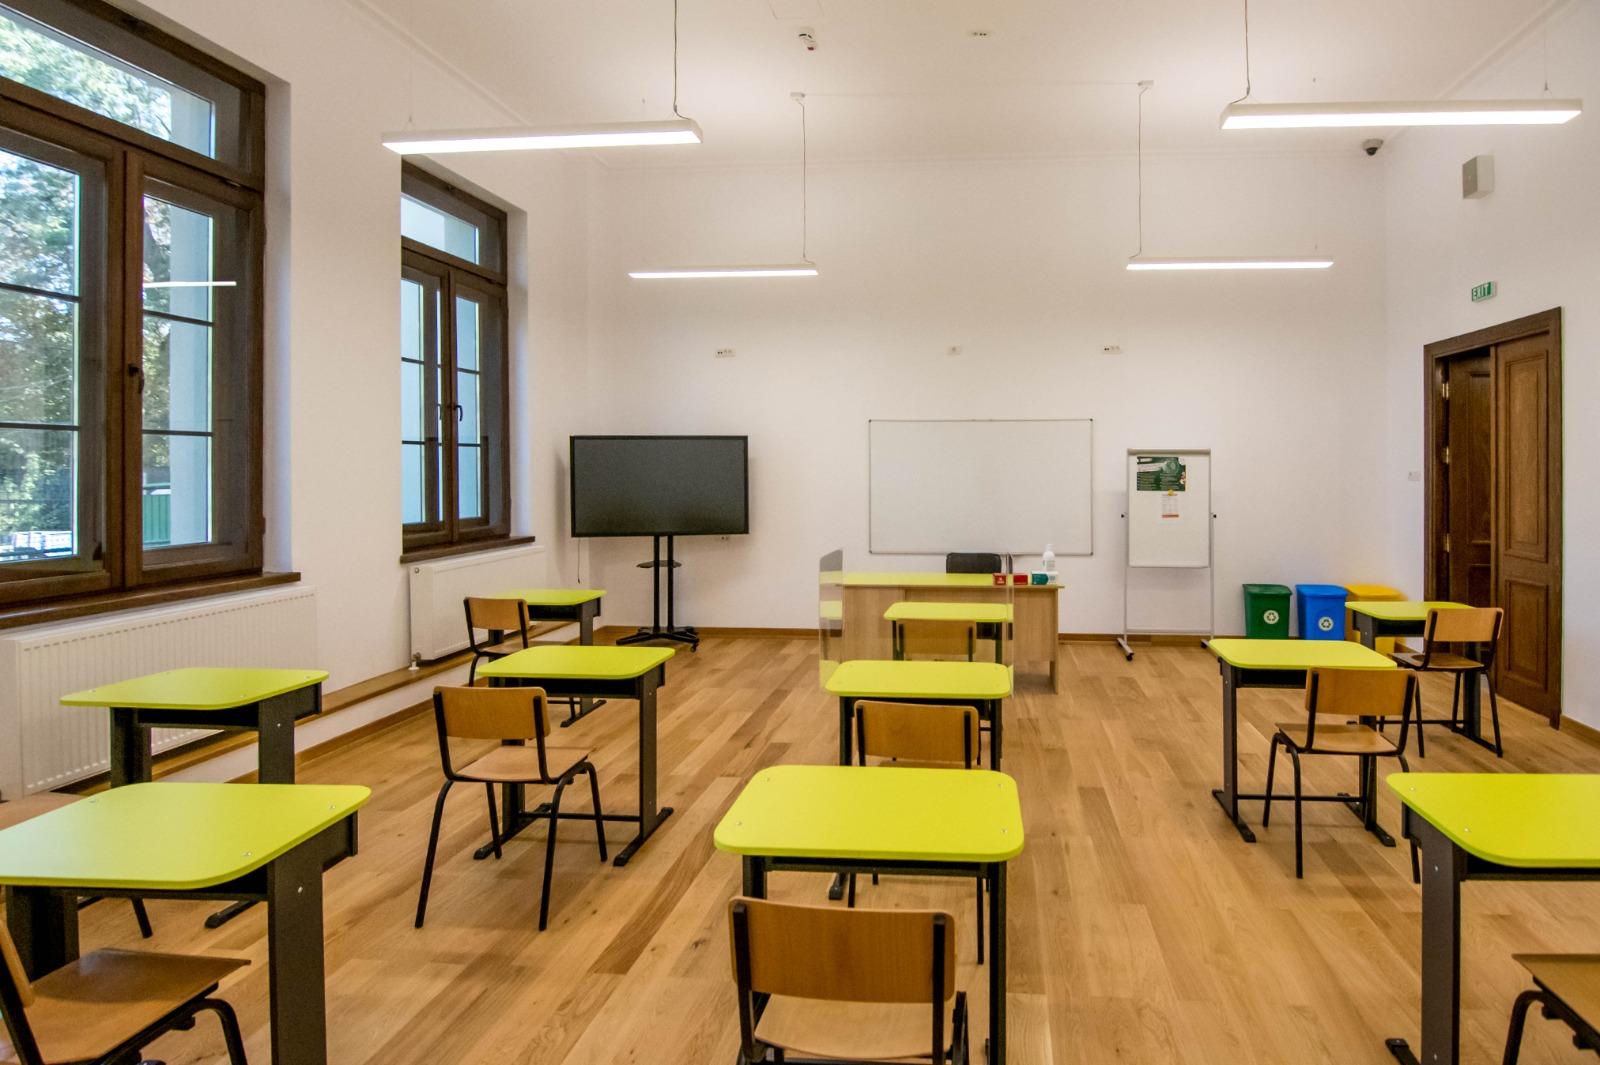 O nouă tranșă a burselor pentru elevi, achitată de către Primăria Sectorului 1